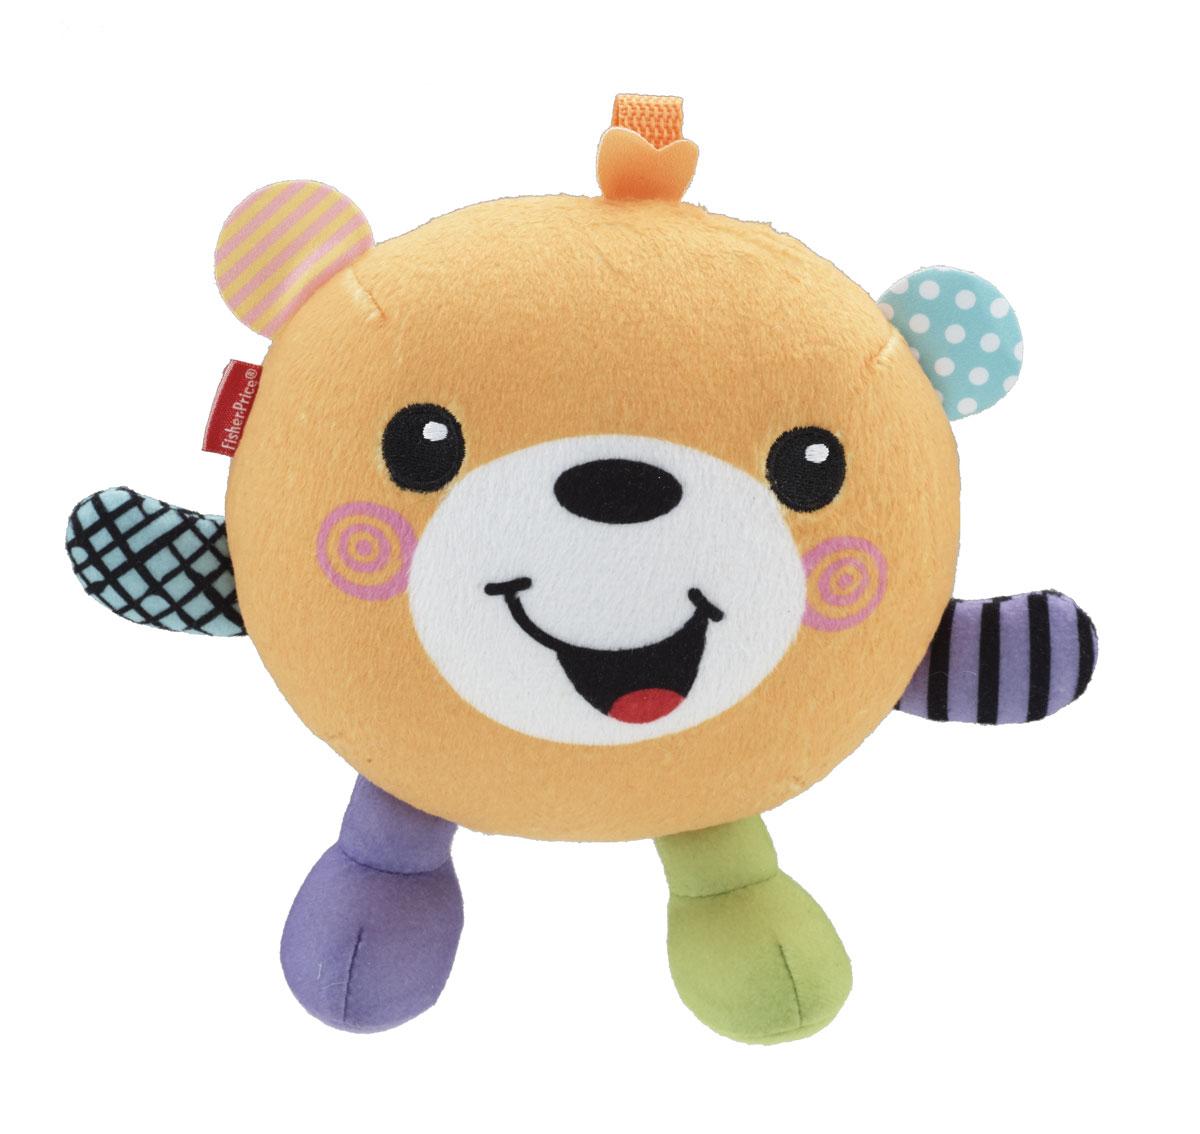 Fisher-Price Игрушка Веселые друзья: Мишка Тобби, со звуковыми эффектамиCGD04_CGD01Забавная развивающая игрушка Fisher-Price Веселые друзья: Мишка Тобби приведет в восторг вашего малыша. Она выполнена из мягкого, приятного на ощупь текстильного материала в виде забавного медвежонка. Потрясите игрушку или нажмите ей на животик - и она начнет задорно смеяться. Пусть ваш малыш обнимет своего нового мягкого плюшевого друга! Медвежонок ответит ему радостным хихиканьем и забавными звуками. Яркие цвета, веселые узоры и мягкая текстура помогут малышу улучшить навыки восприятия. Такая игрушка позволит малышу весело и с пользой провести время, и поможет ему развить тактильные ощущения, мелкую моторику, зрительно-цветовое и слуховое восприятие. Рекомендуется докупить 2 батарейки типа AАА (товар комплектуется демонстрационными).